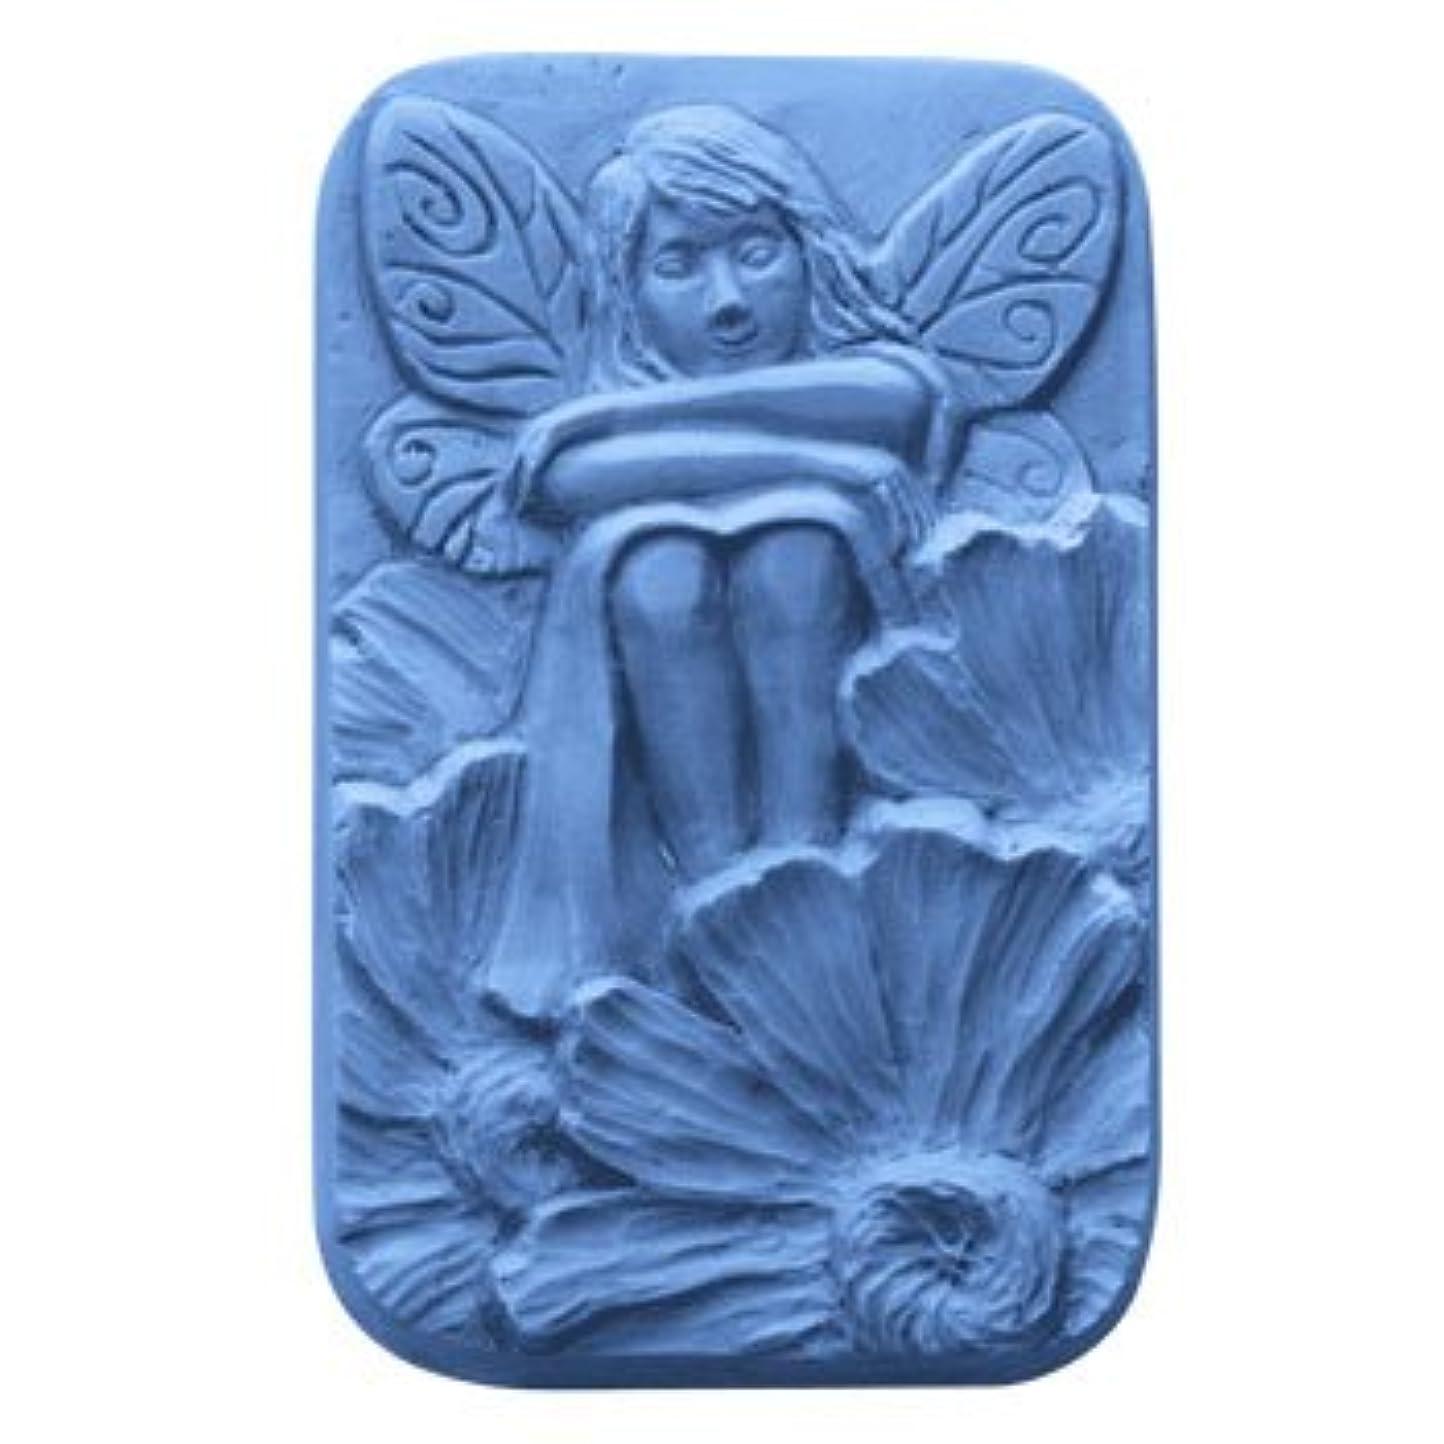 紫のびっくりする合理化ミルキーウェイ フェアリー[妖精] 【ソープモールド/石鹸型/シートモールド】